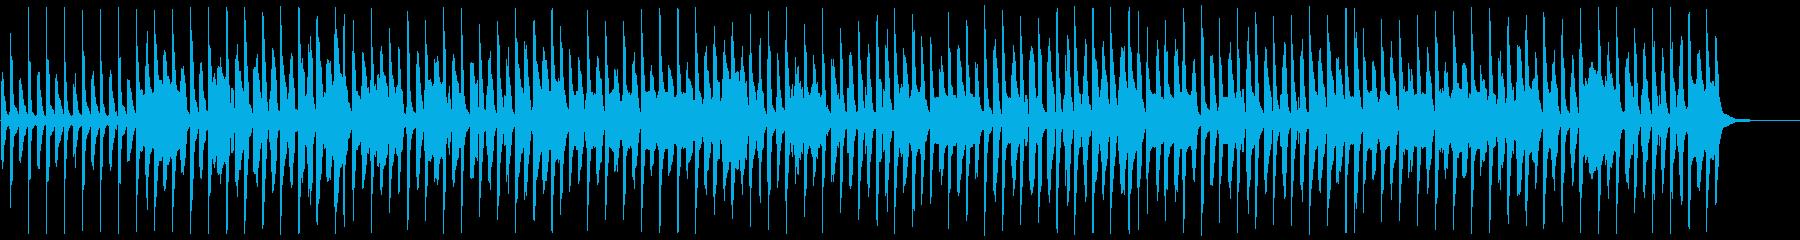 サッカーで有名な曲【脱力系ver.】の再生済みの波形